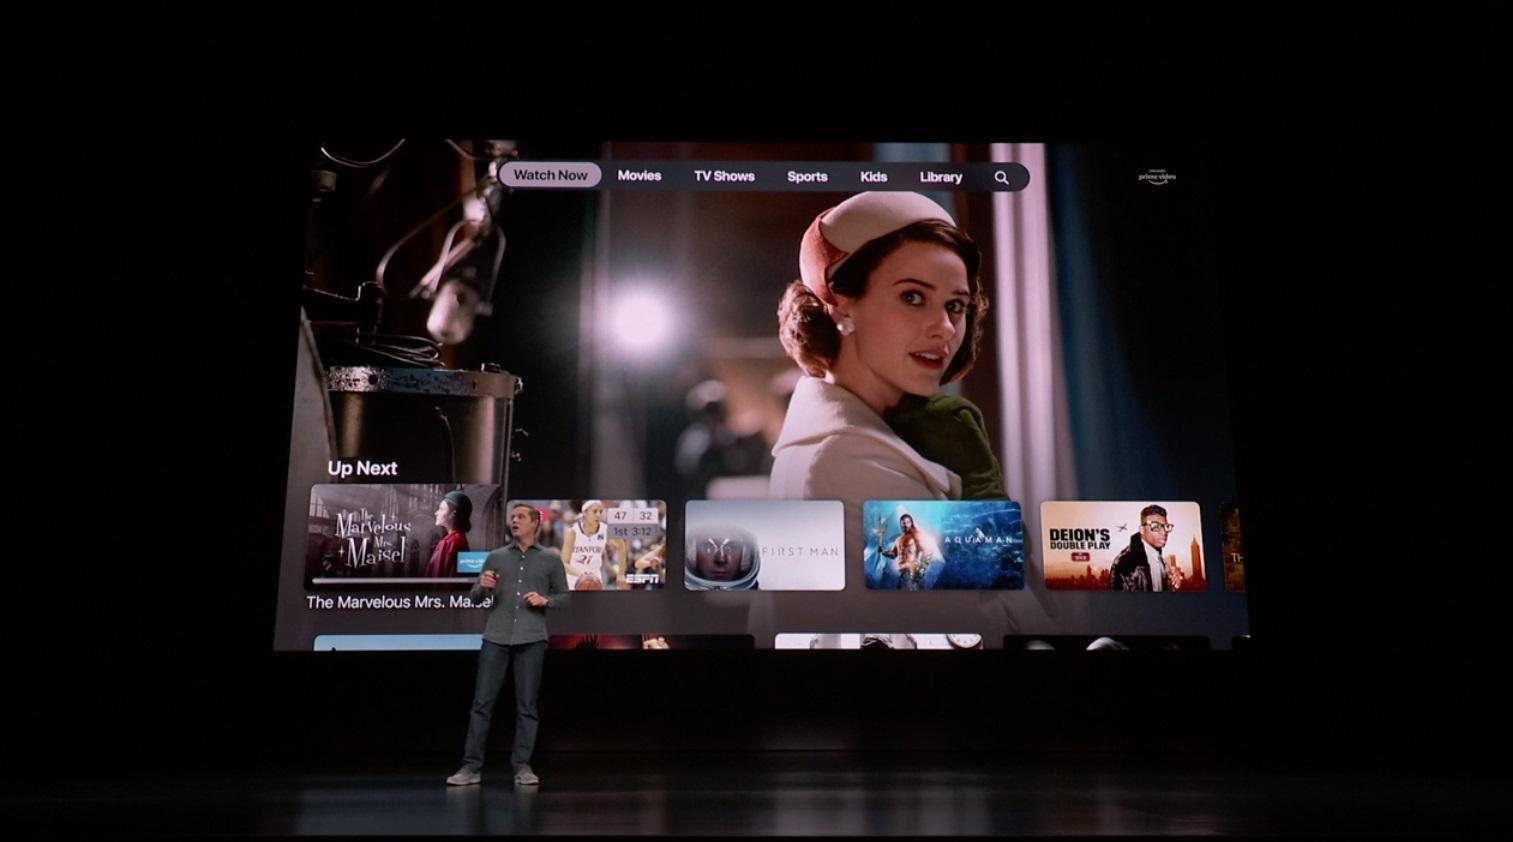 Apple TV Channels y Apple TV+: integración de servicios y contenidos exclusivos 37